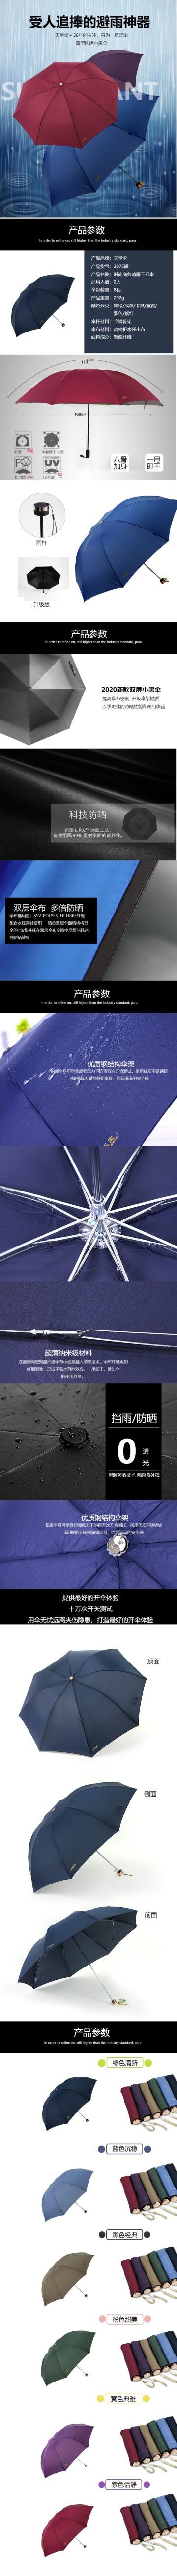 简约大气百货零售家居生活折叠雨伞促销电商详情页